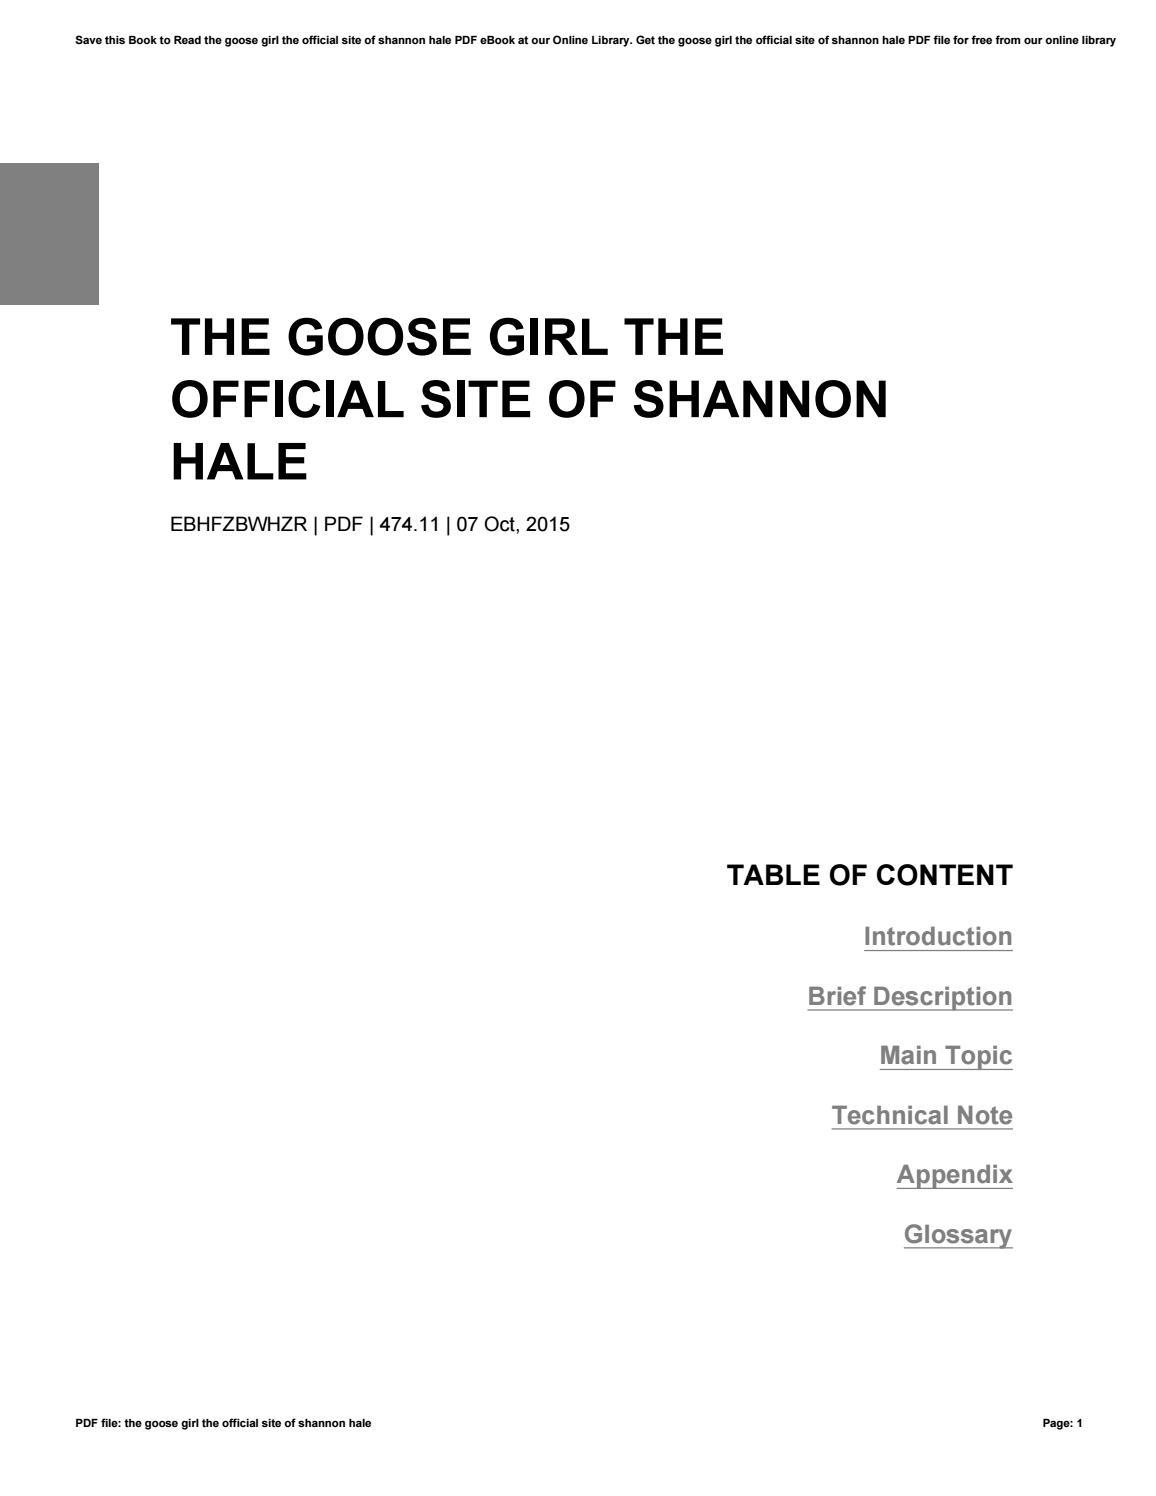 Goose Girl Pdf